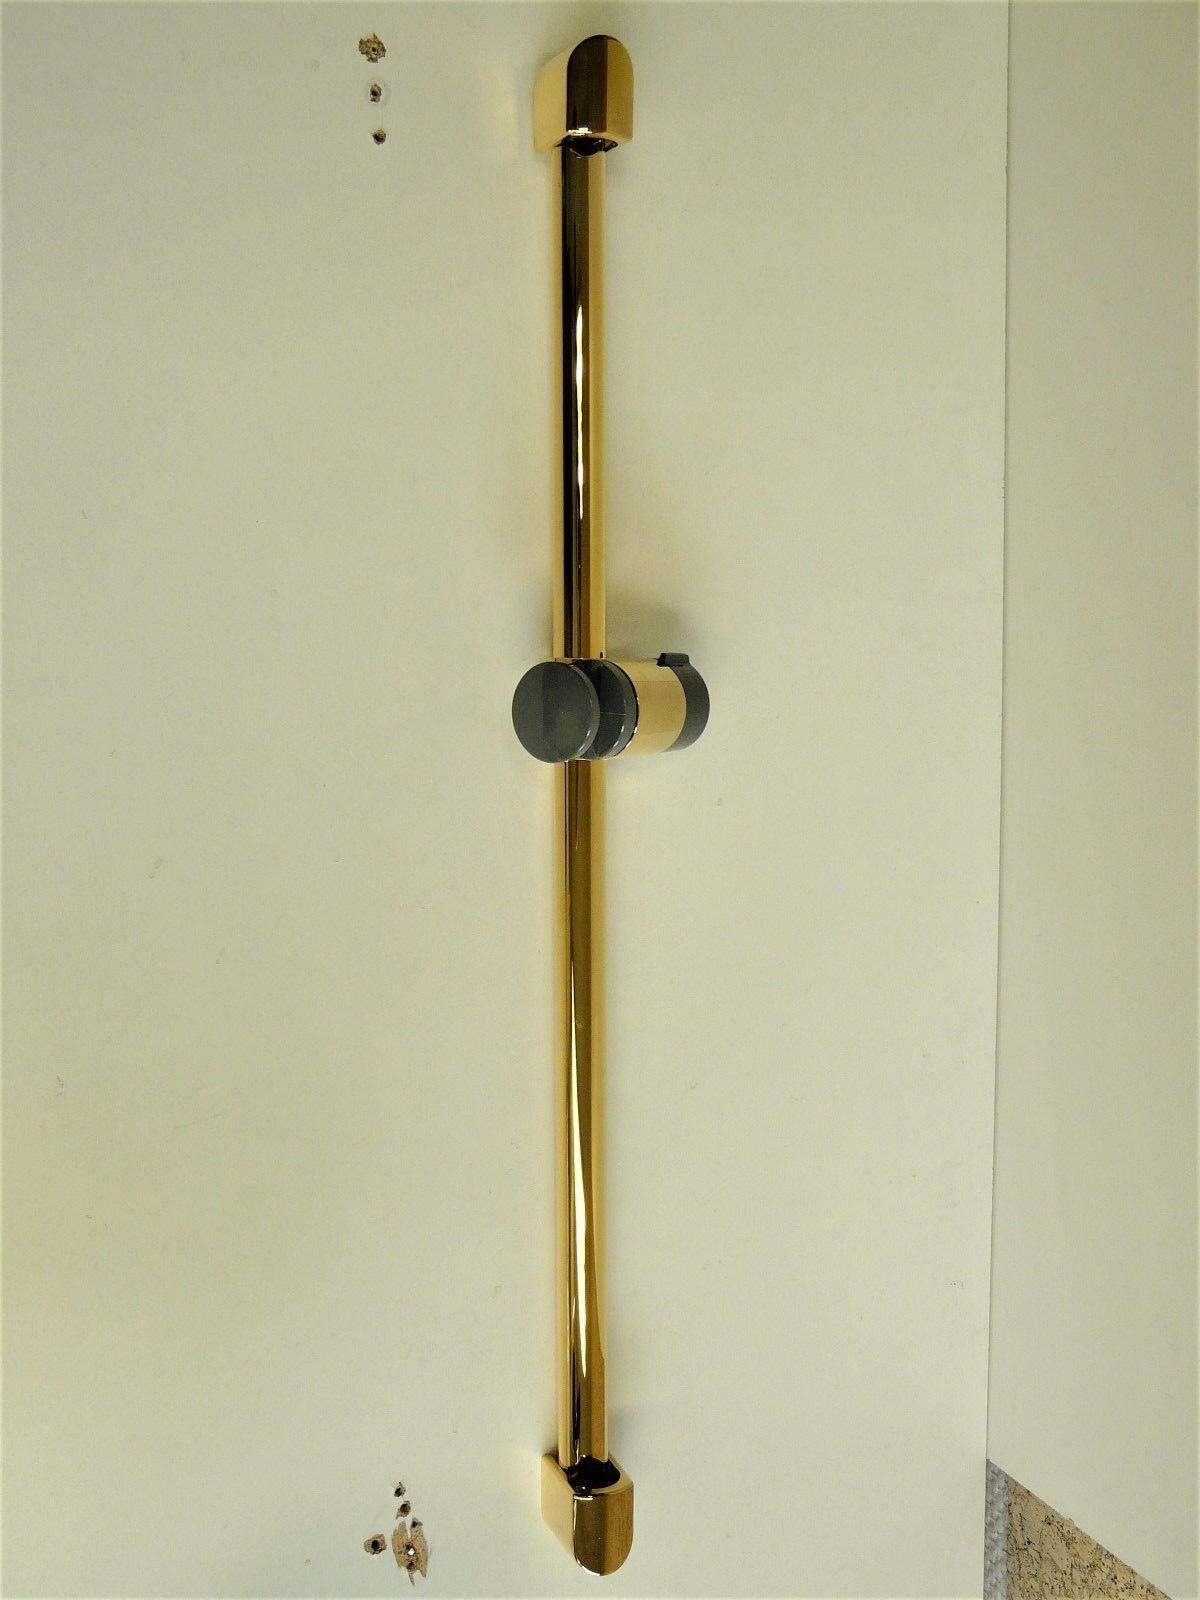 Brausestange Gold (24 Karat), 600mm, Duschstange, Brause, Dusche, Stange